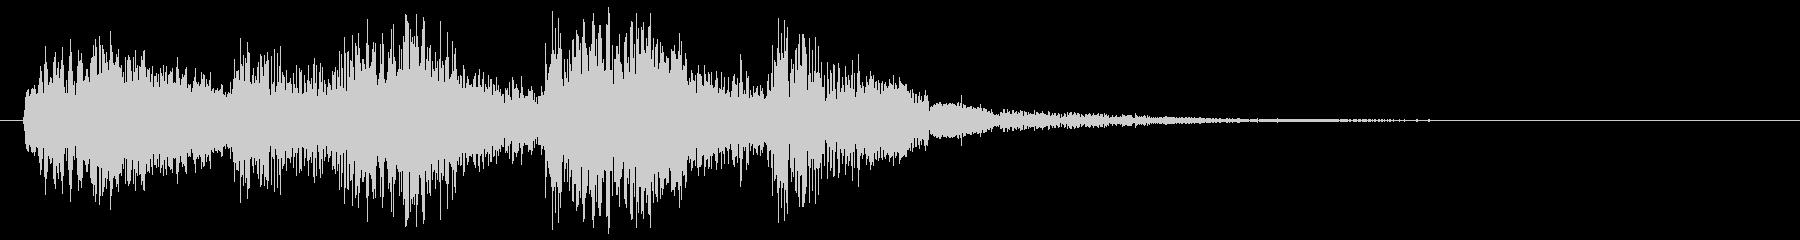 バンババン(スタート音・決定・開始音)の未再生の波形